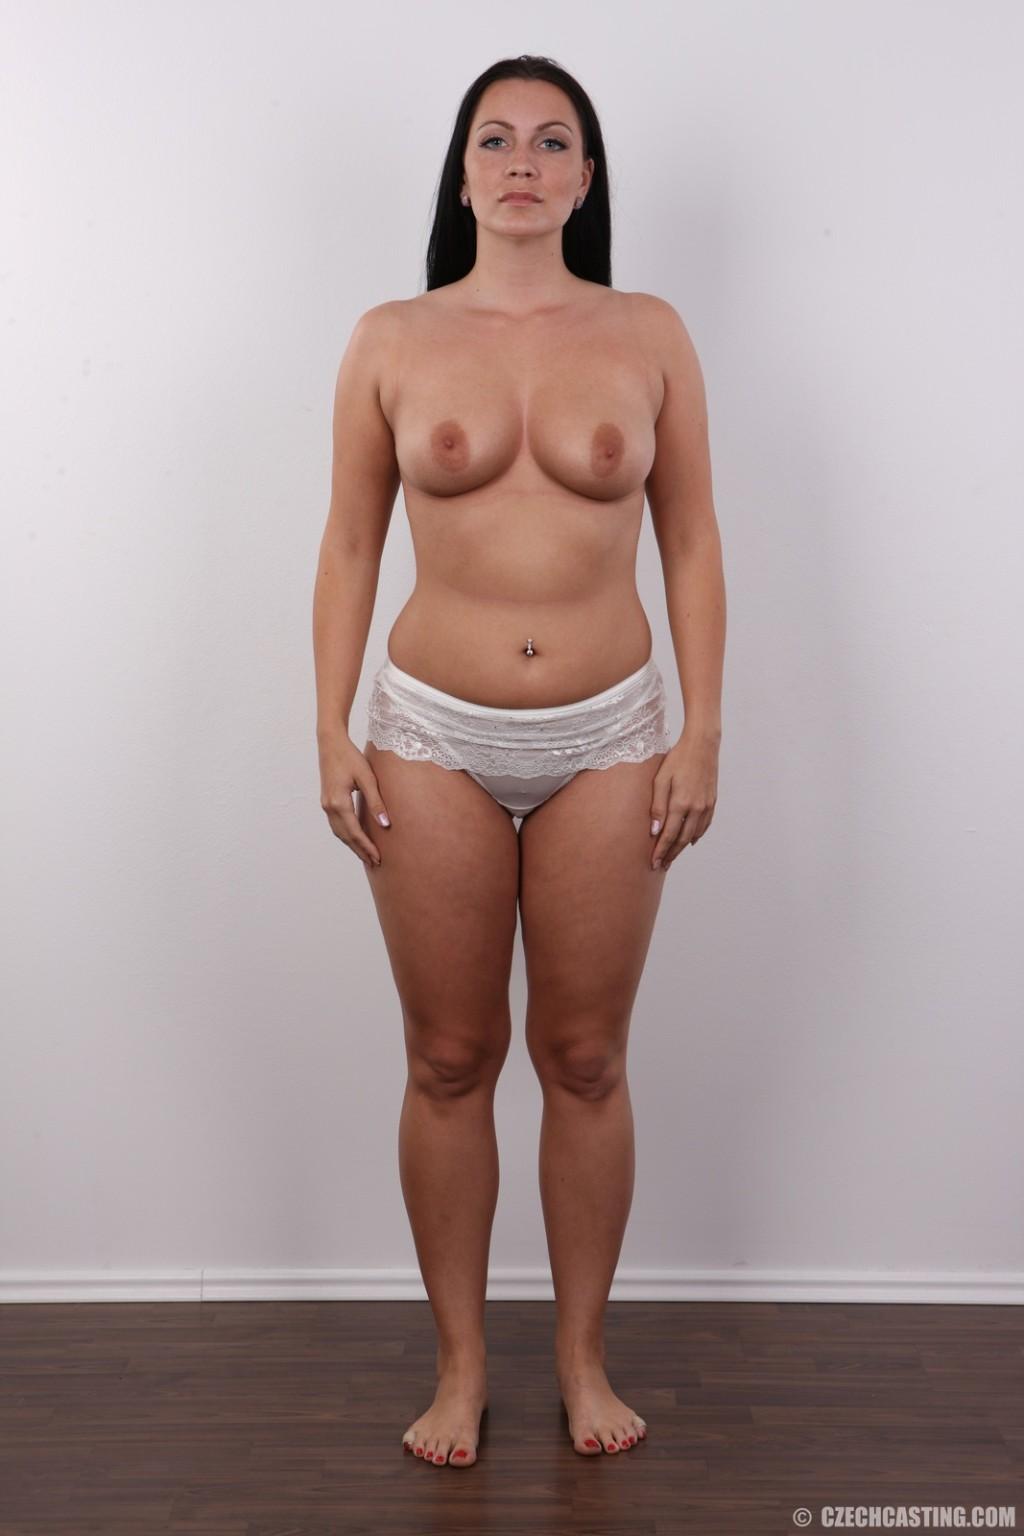 Красивая брюнетка с натуральными дойками на фото кастинге в порно ...